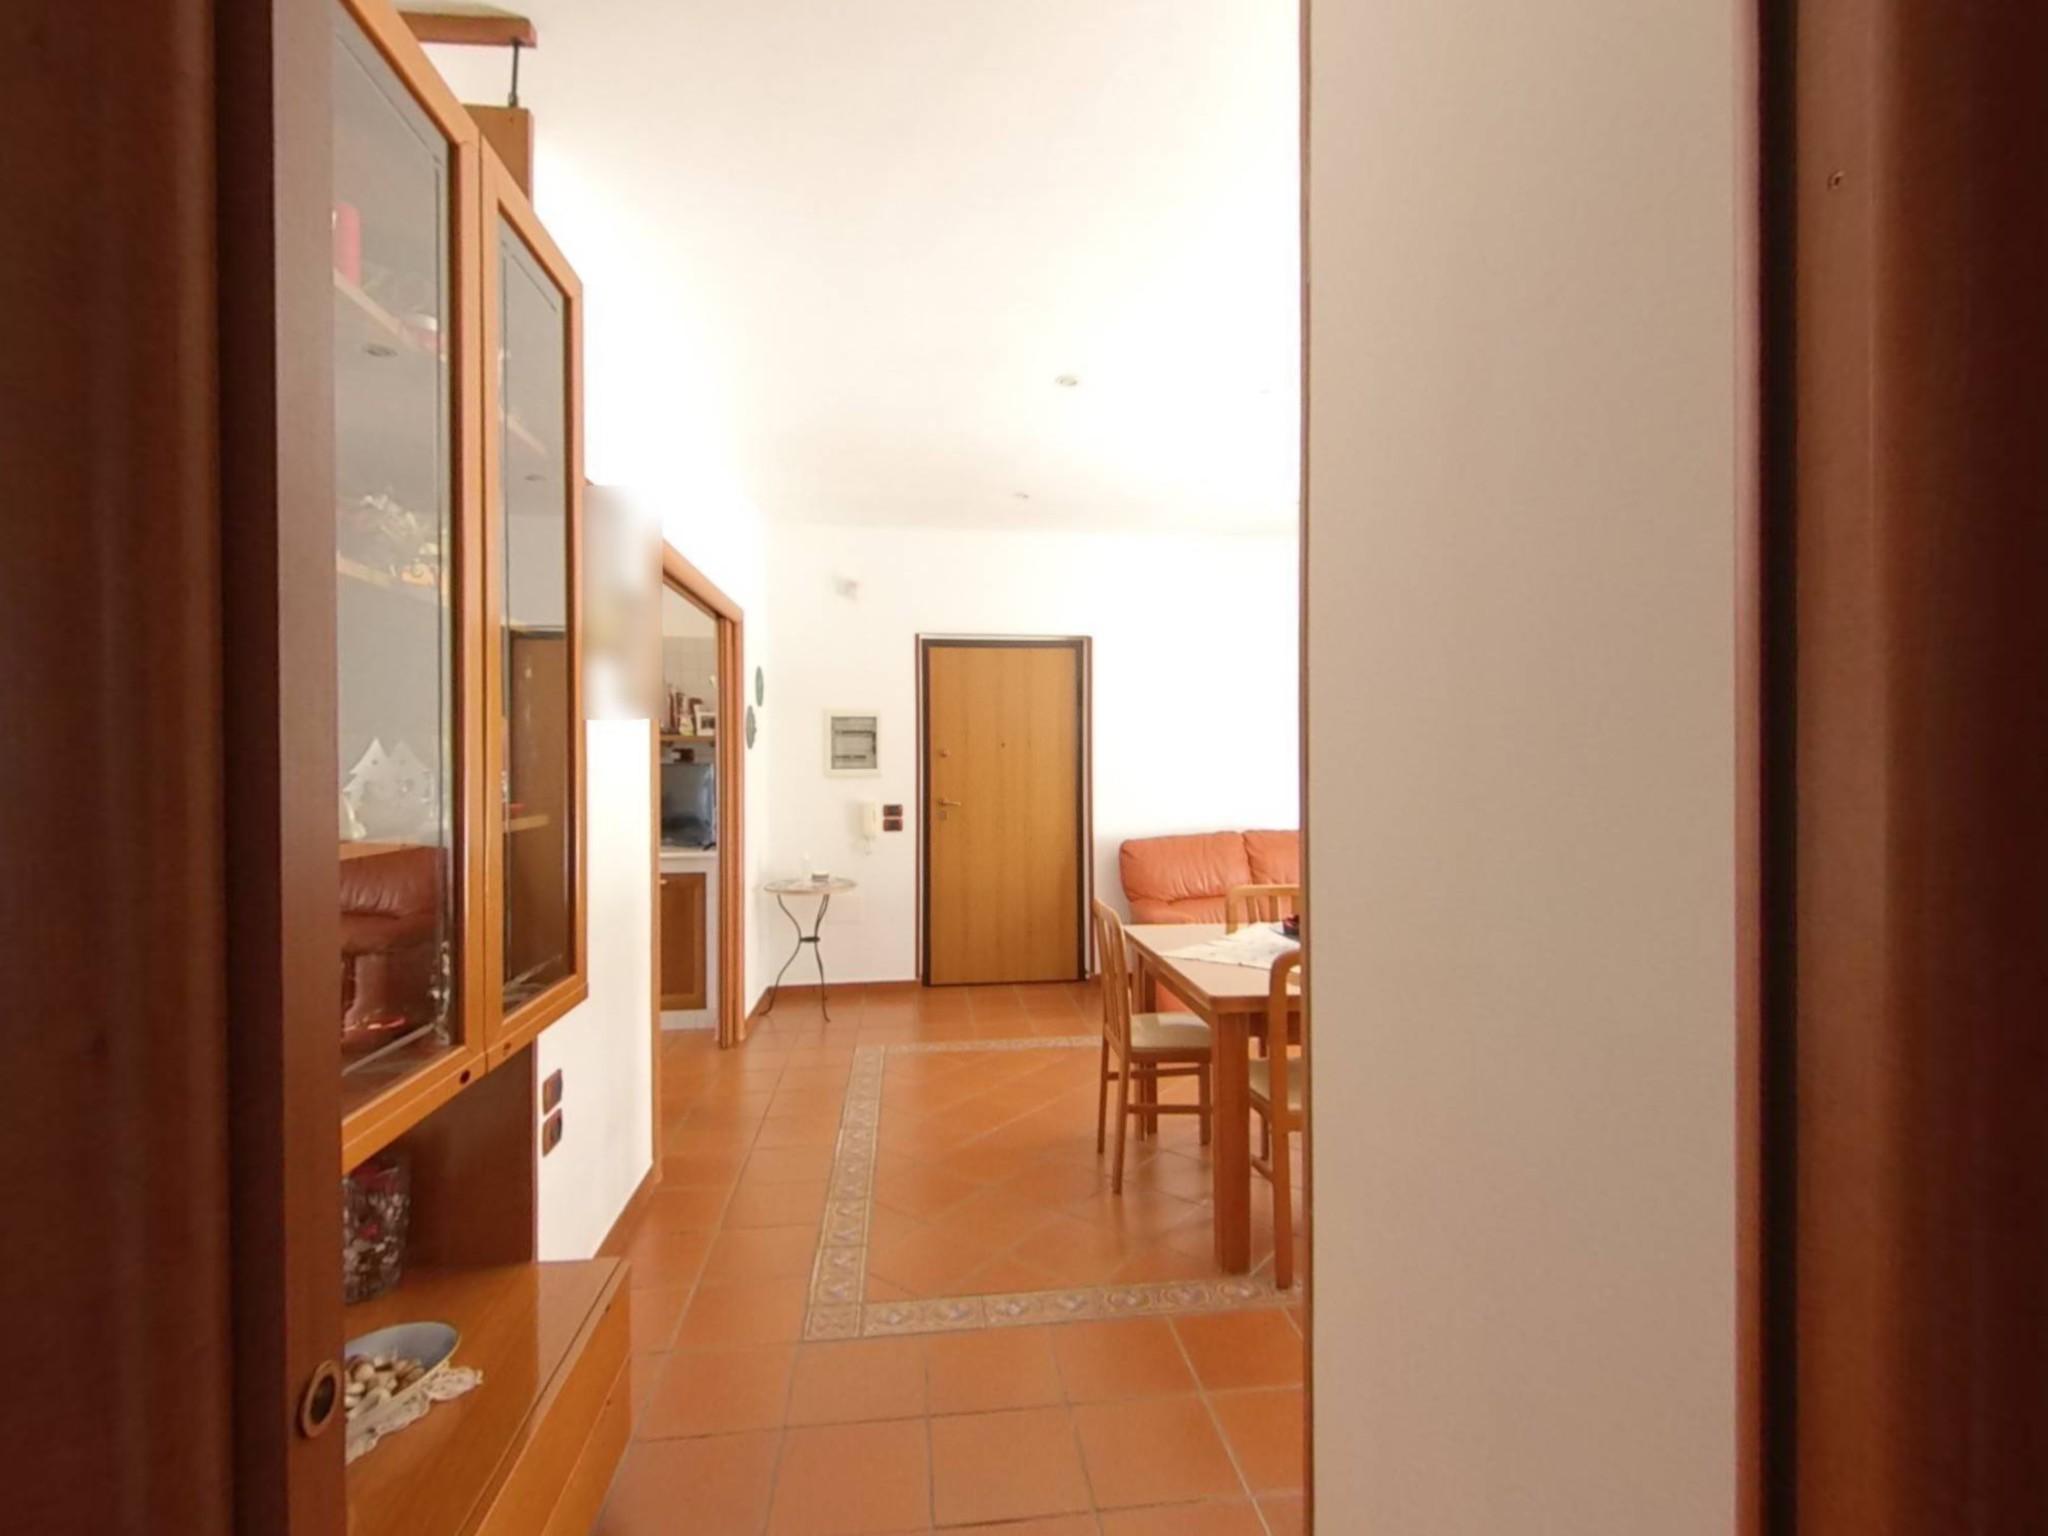 corridoio_1_a34efa